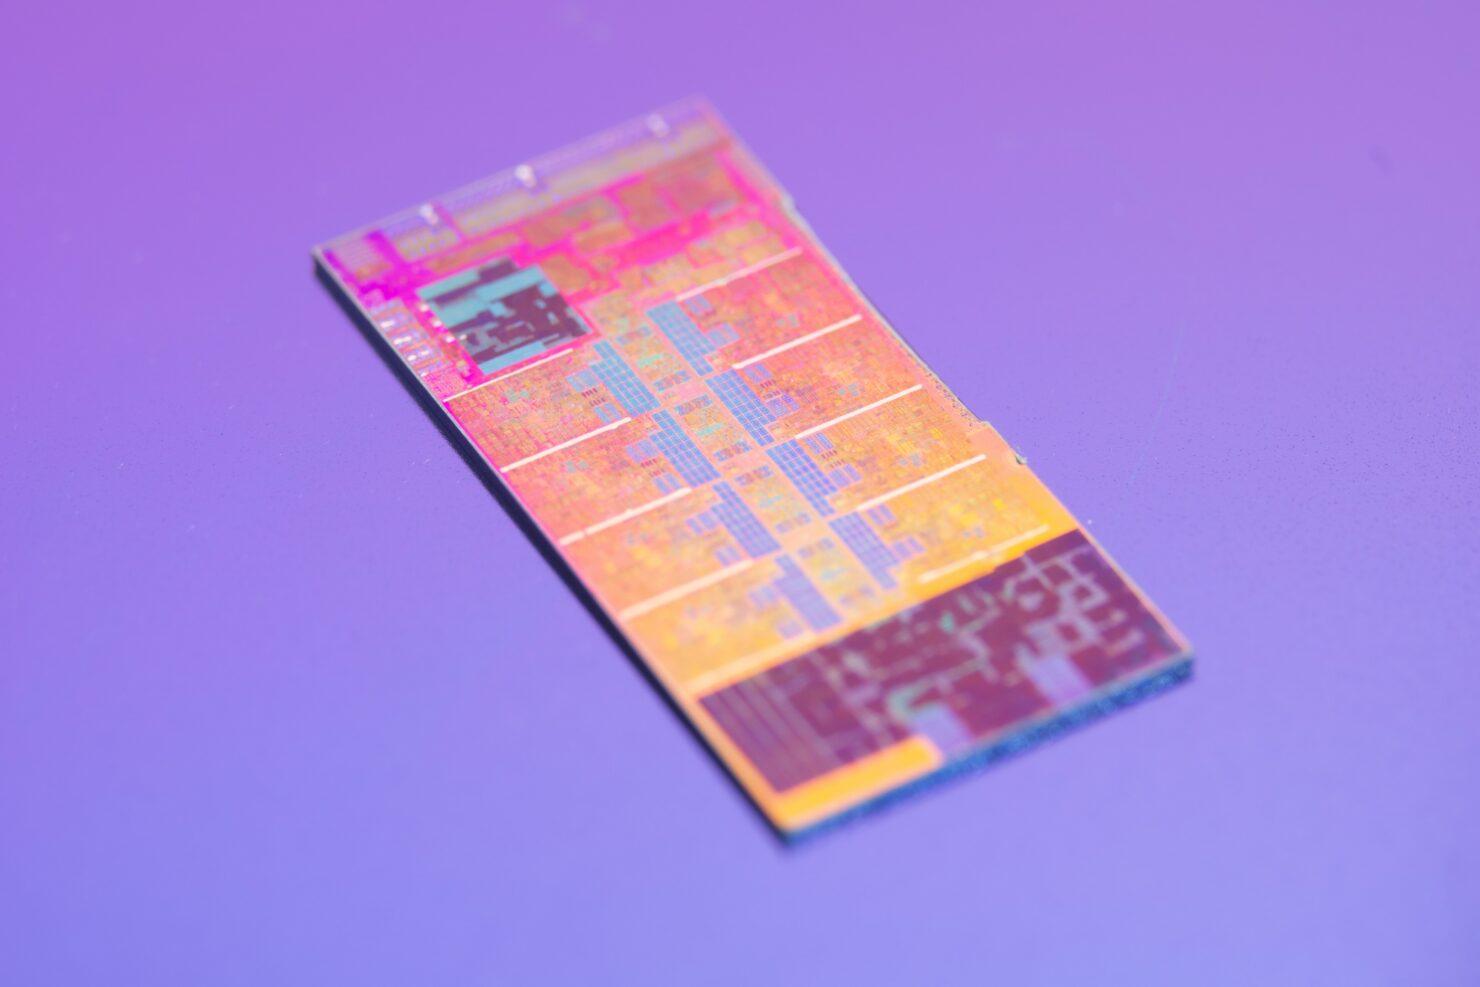 Intel Rocket Lake Desktop CPU Tested While Delidded, Gets Super High-Res Die Shots 3